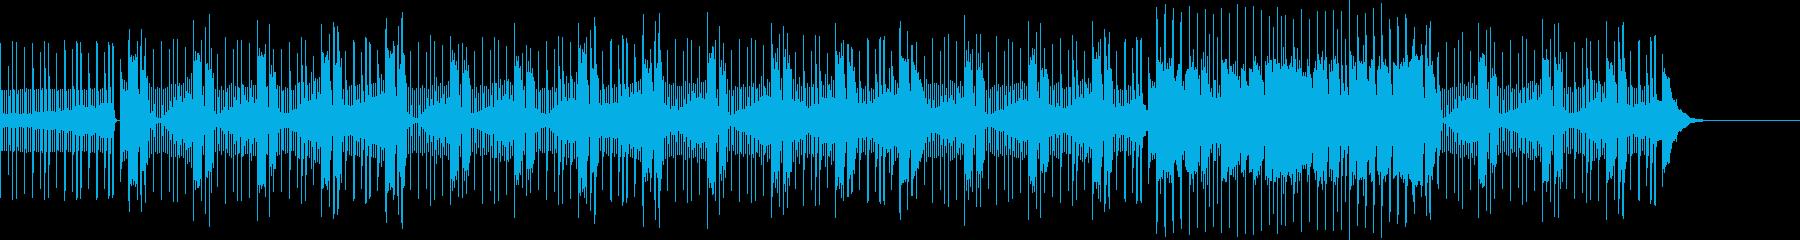 80年代ホラー風の怪しげなBGMの再生済みの波形